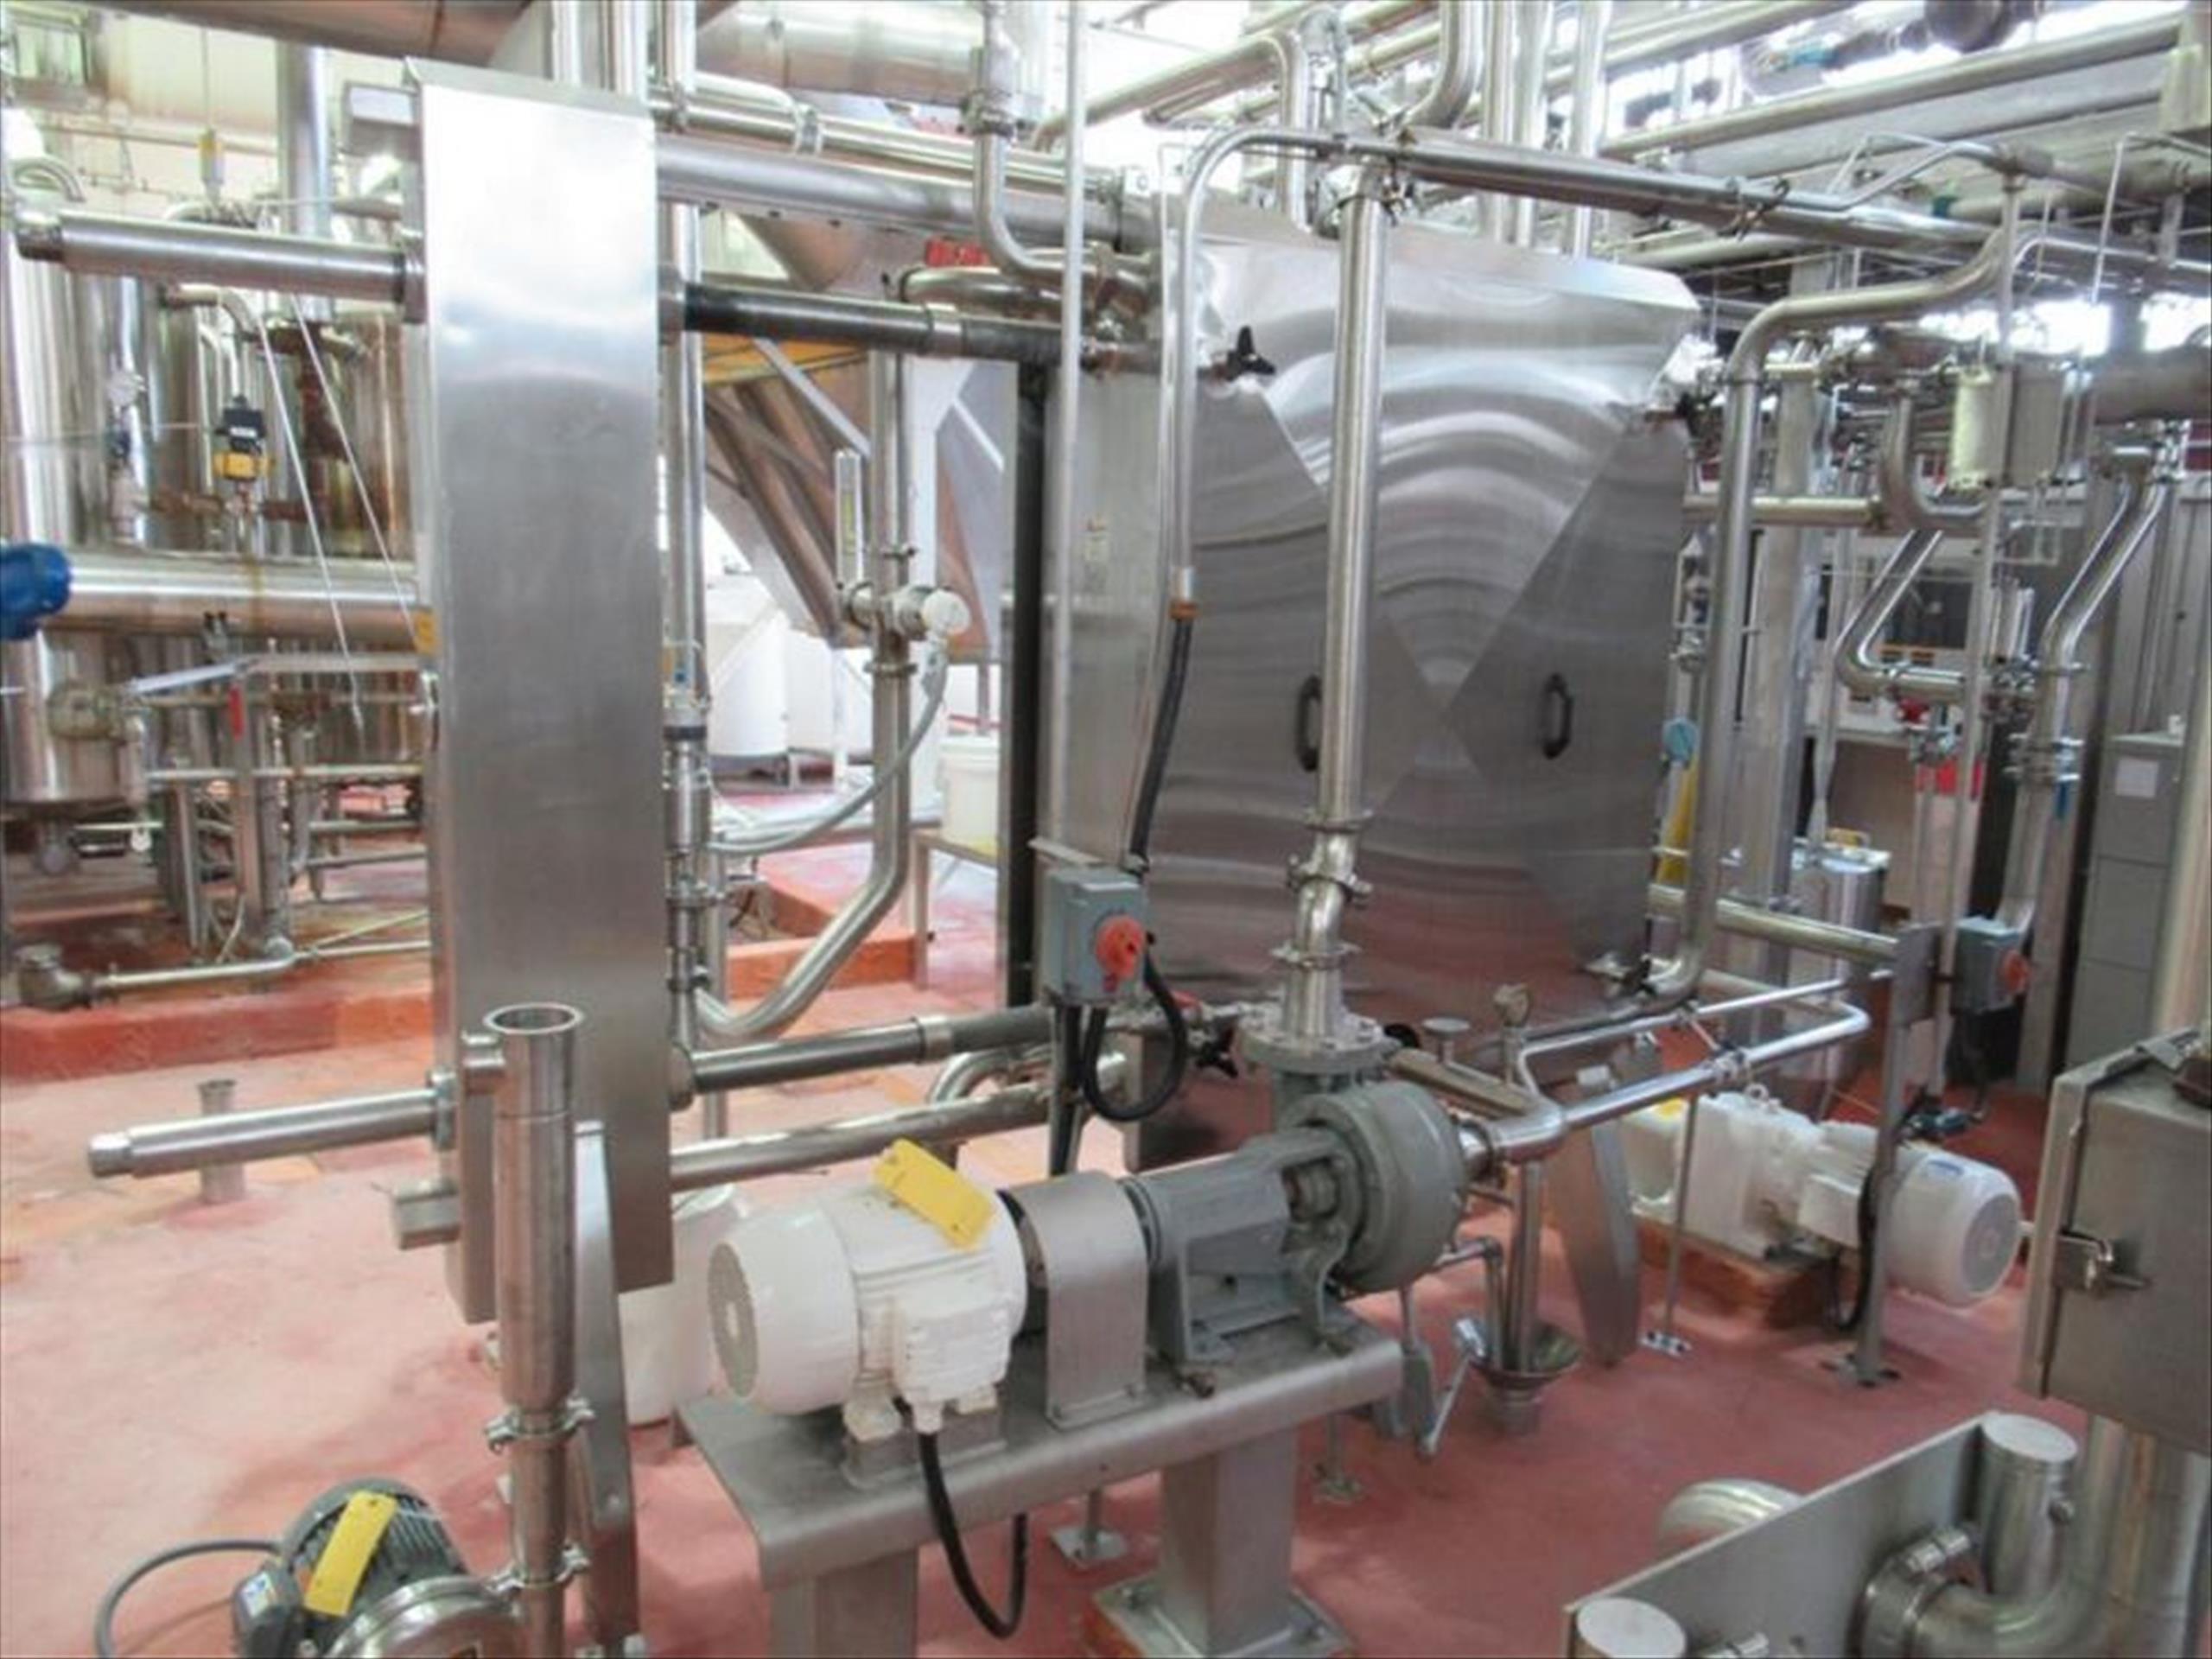 Vertiflo centrifugal pump mod. no. 1420 ser. no. 16-22254-4-1 7.5hp / 1755rpm horizontal end